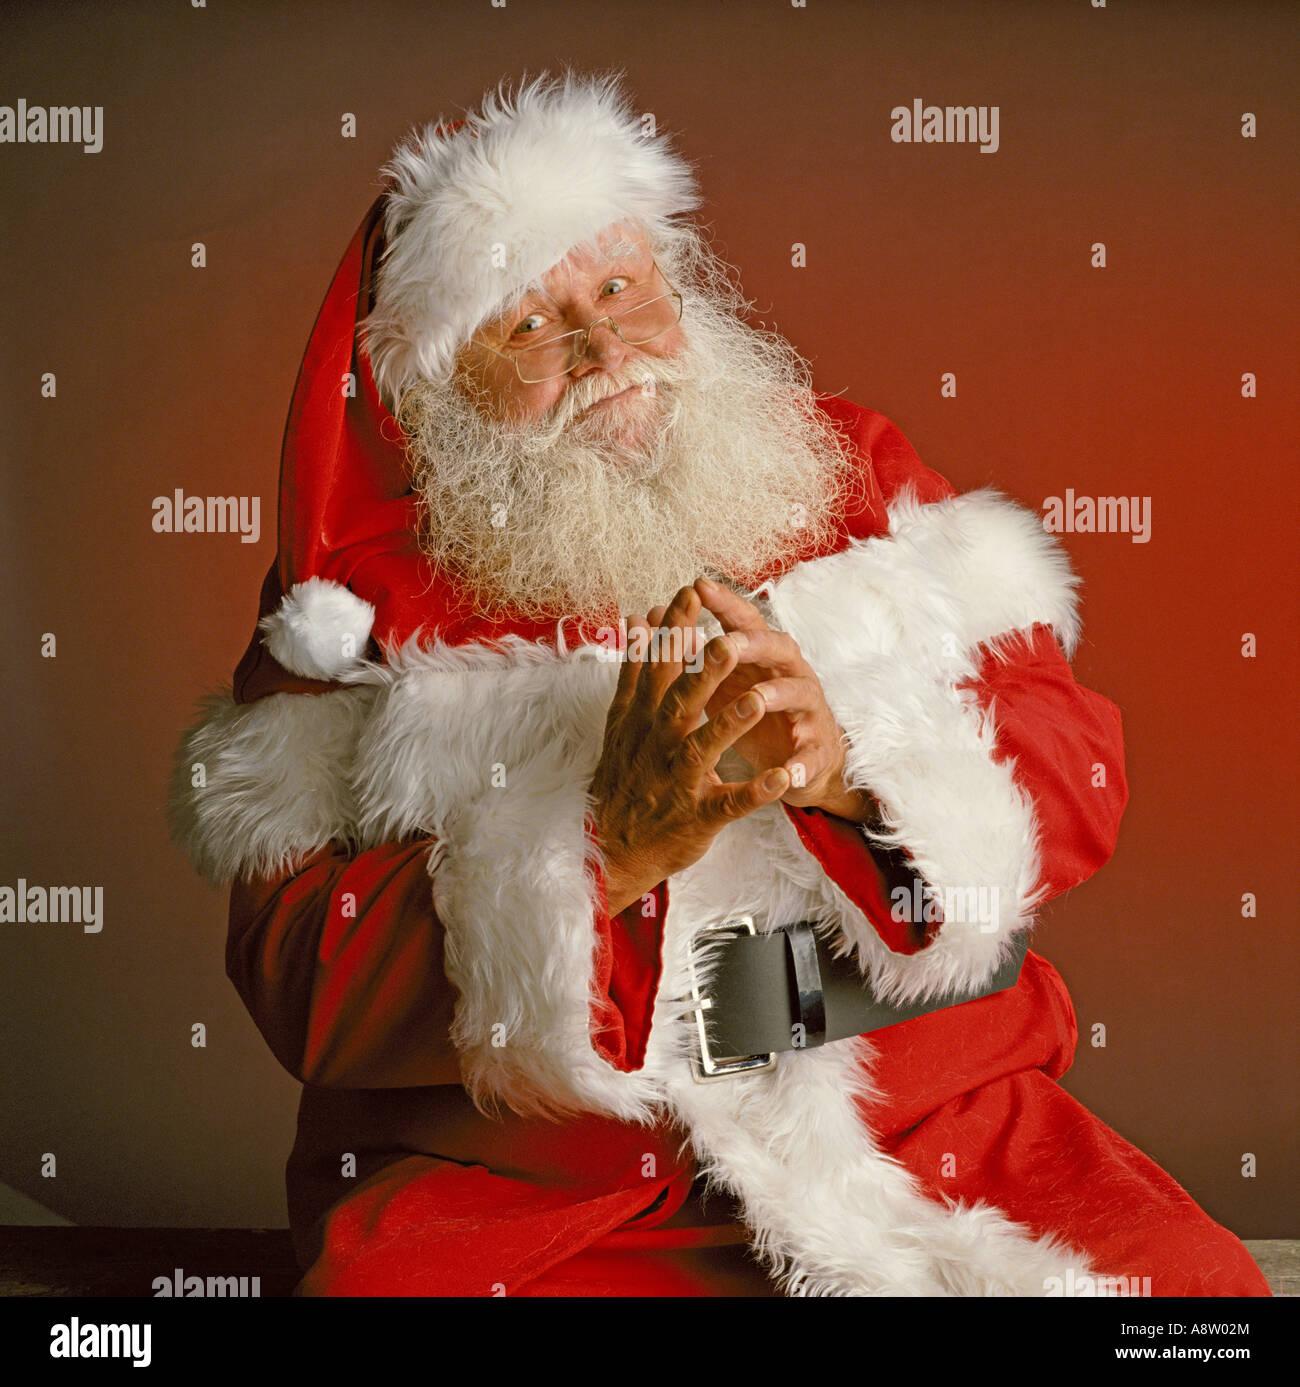 Porträt des Mannes als Weihnachtsmann verkleidet / Weihnachtsmann. Stockbild